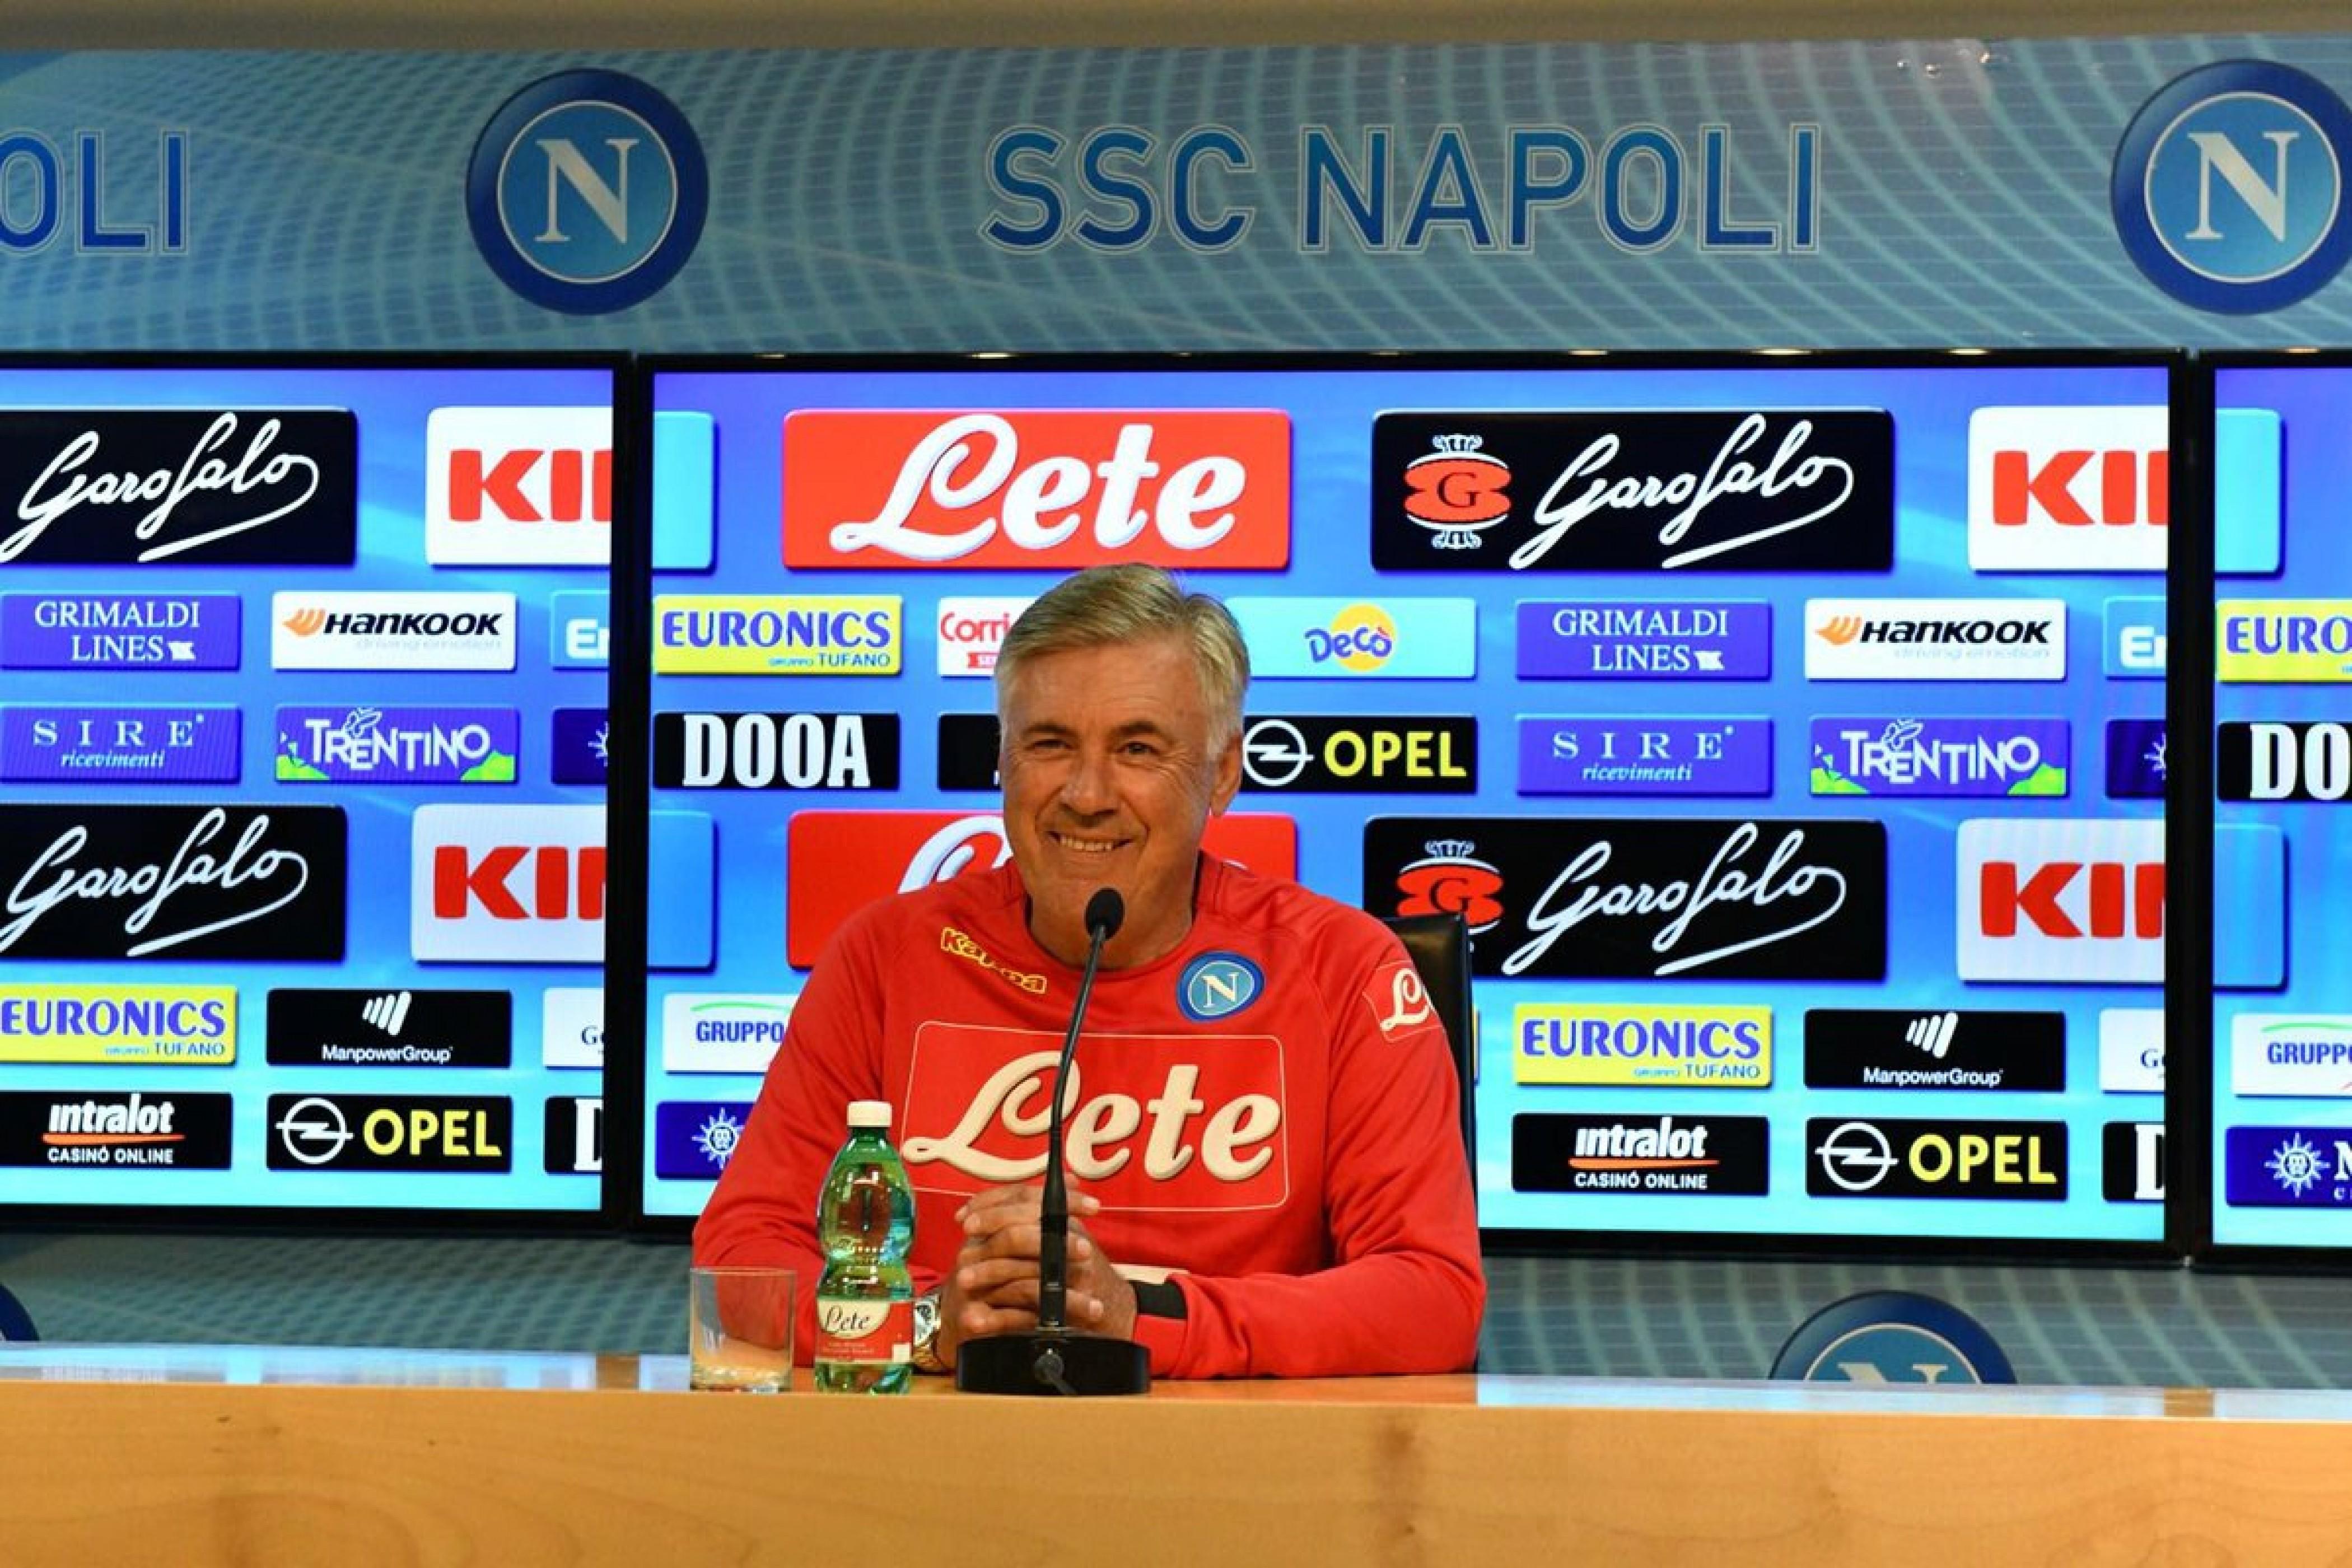 """Napoli - Ancelotti: """"Nella sosta abbiamo analizzato la sconfitta. Milik o Mertens? Deciderò """""""